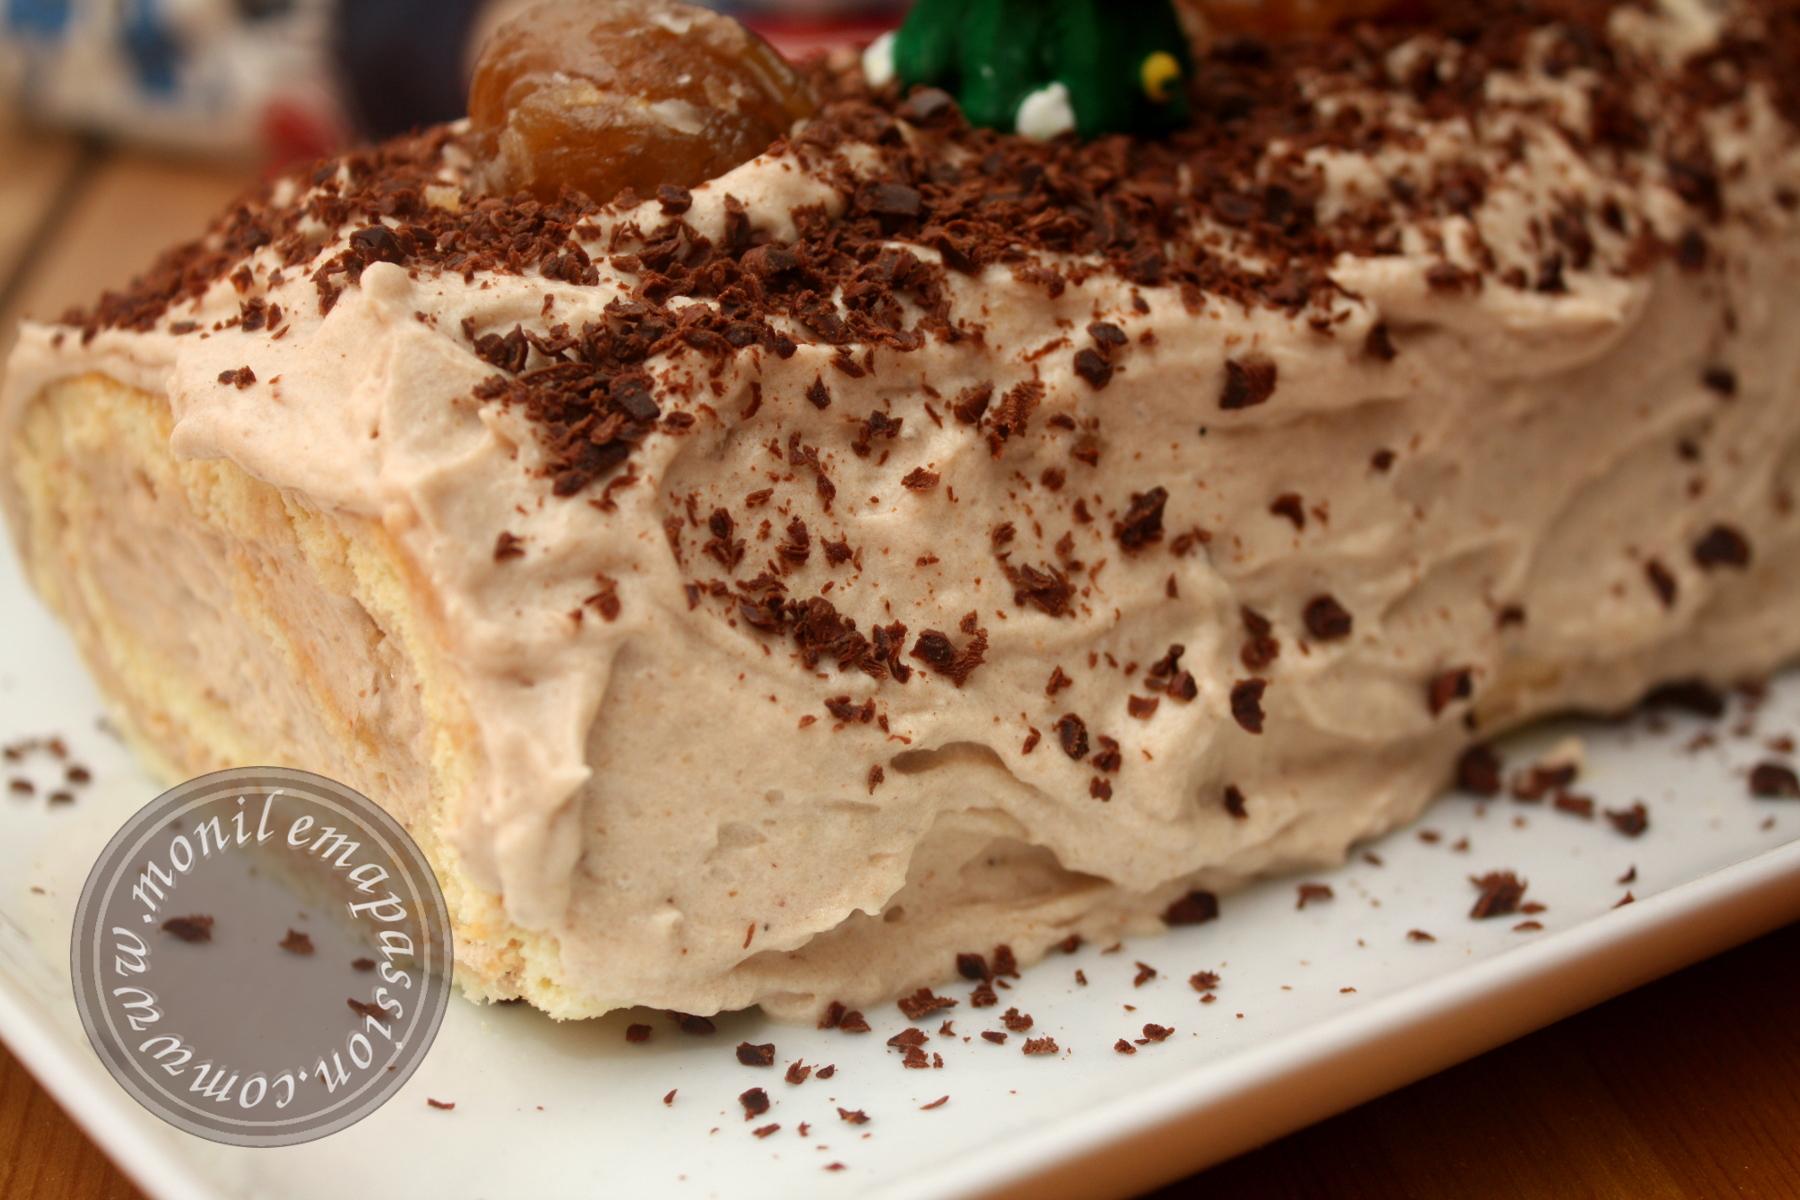 Bûche de Noël à la mousse de marrons - Chestnut mousse Bûche de Noel